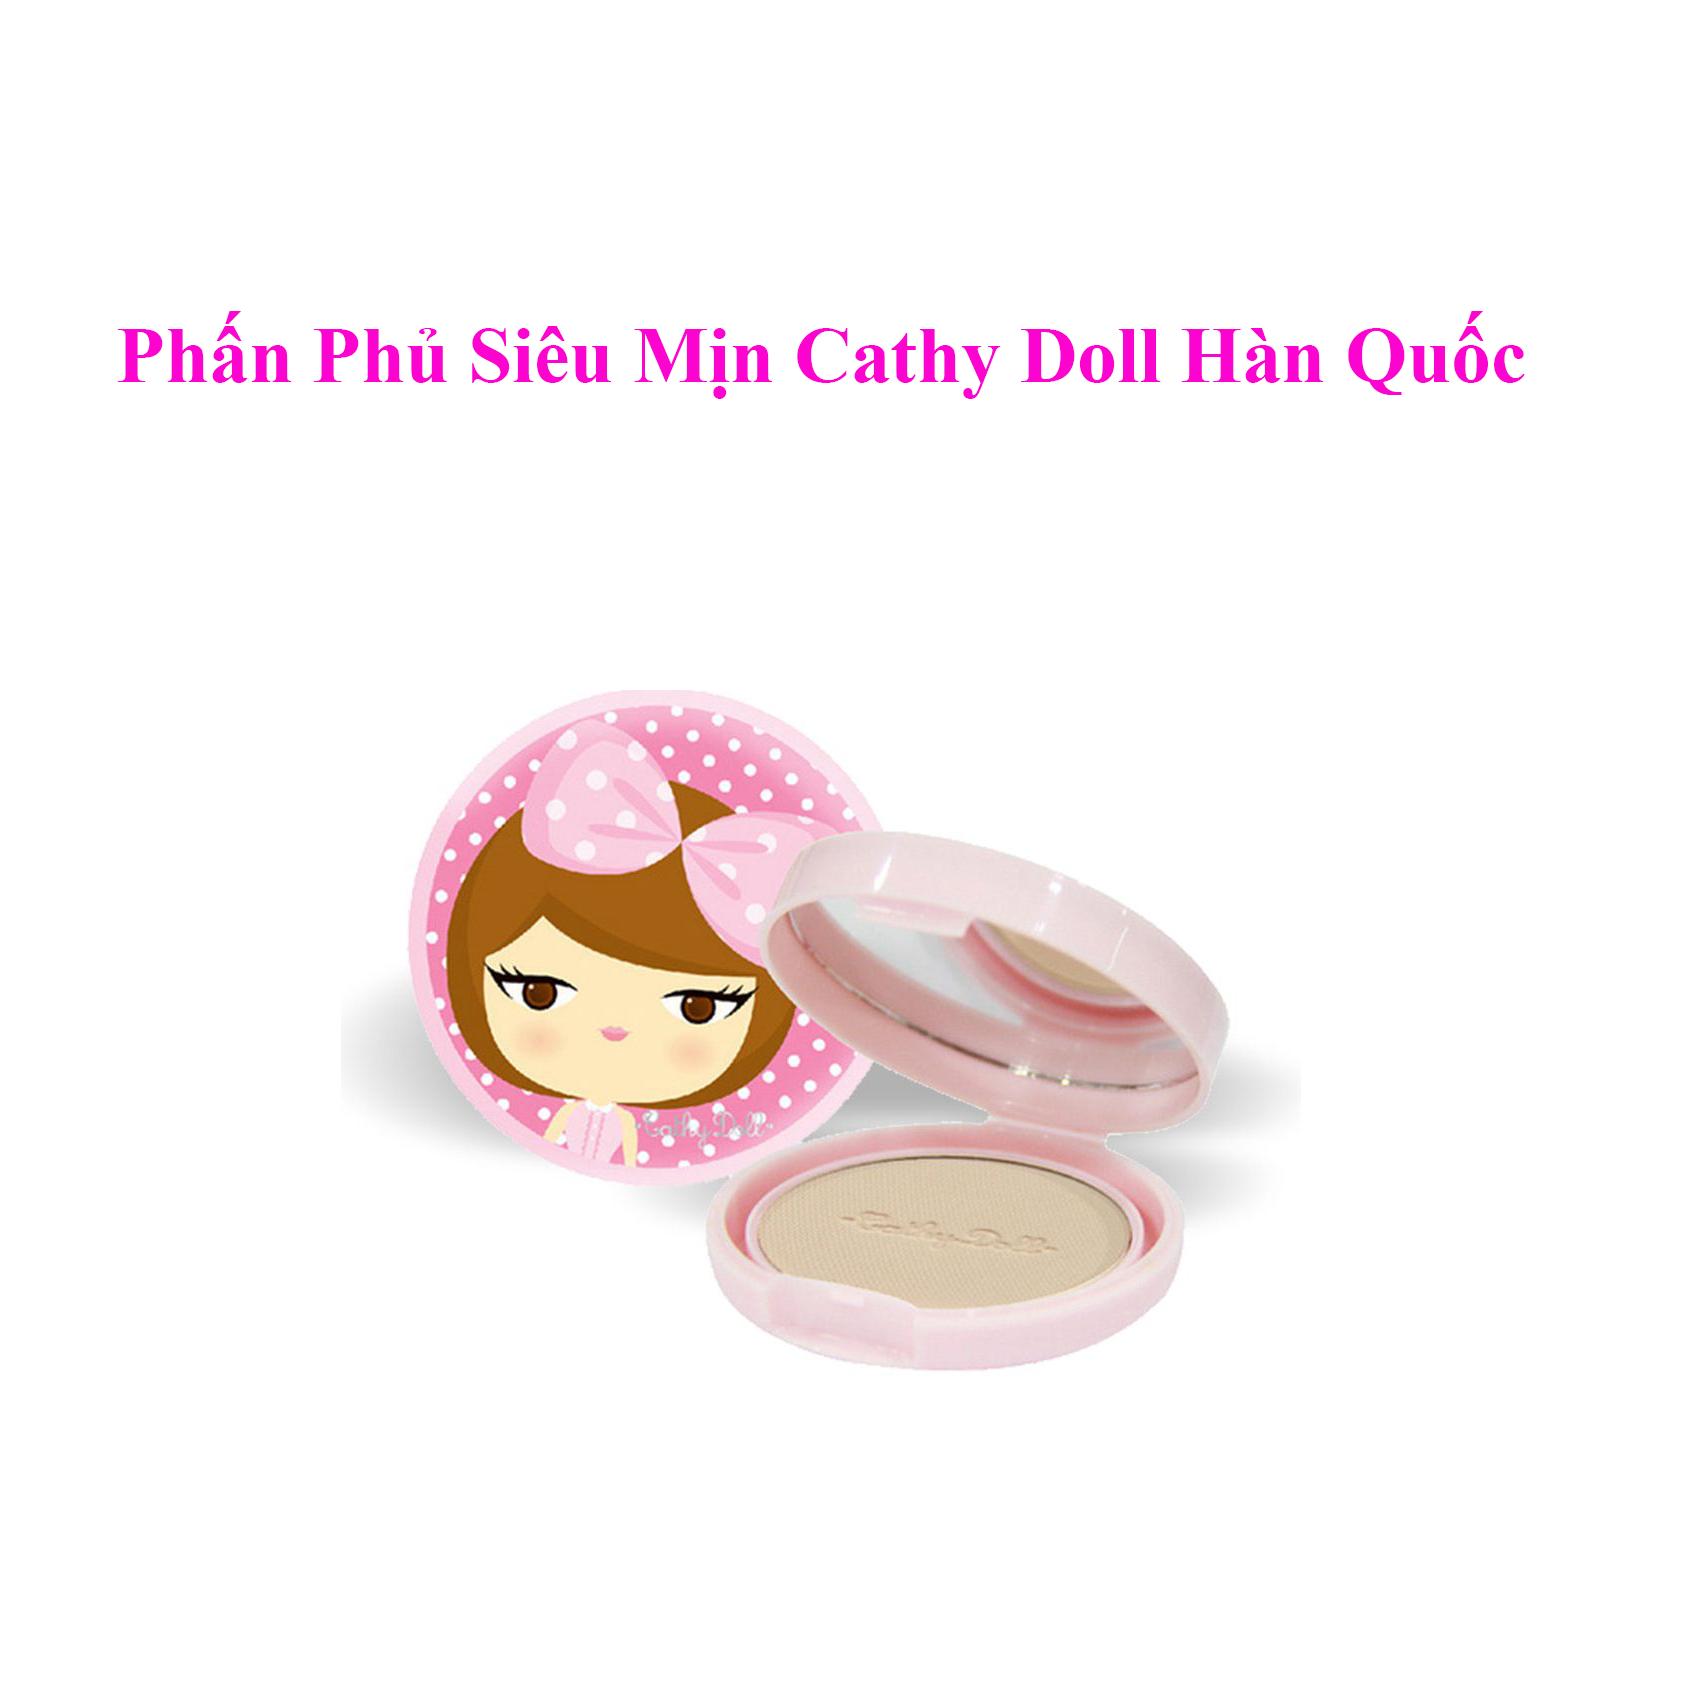 kem-bb-cream-cc-cream-phan-phu-sieu-min-cathy-doll-han-quoc-860